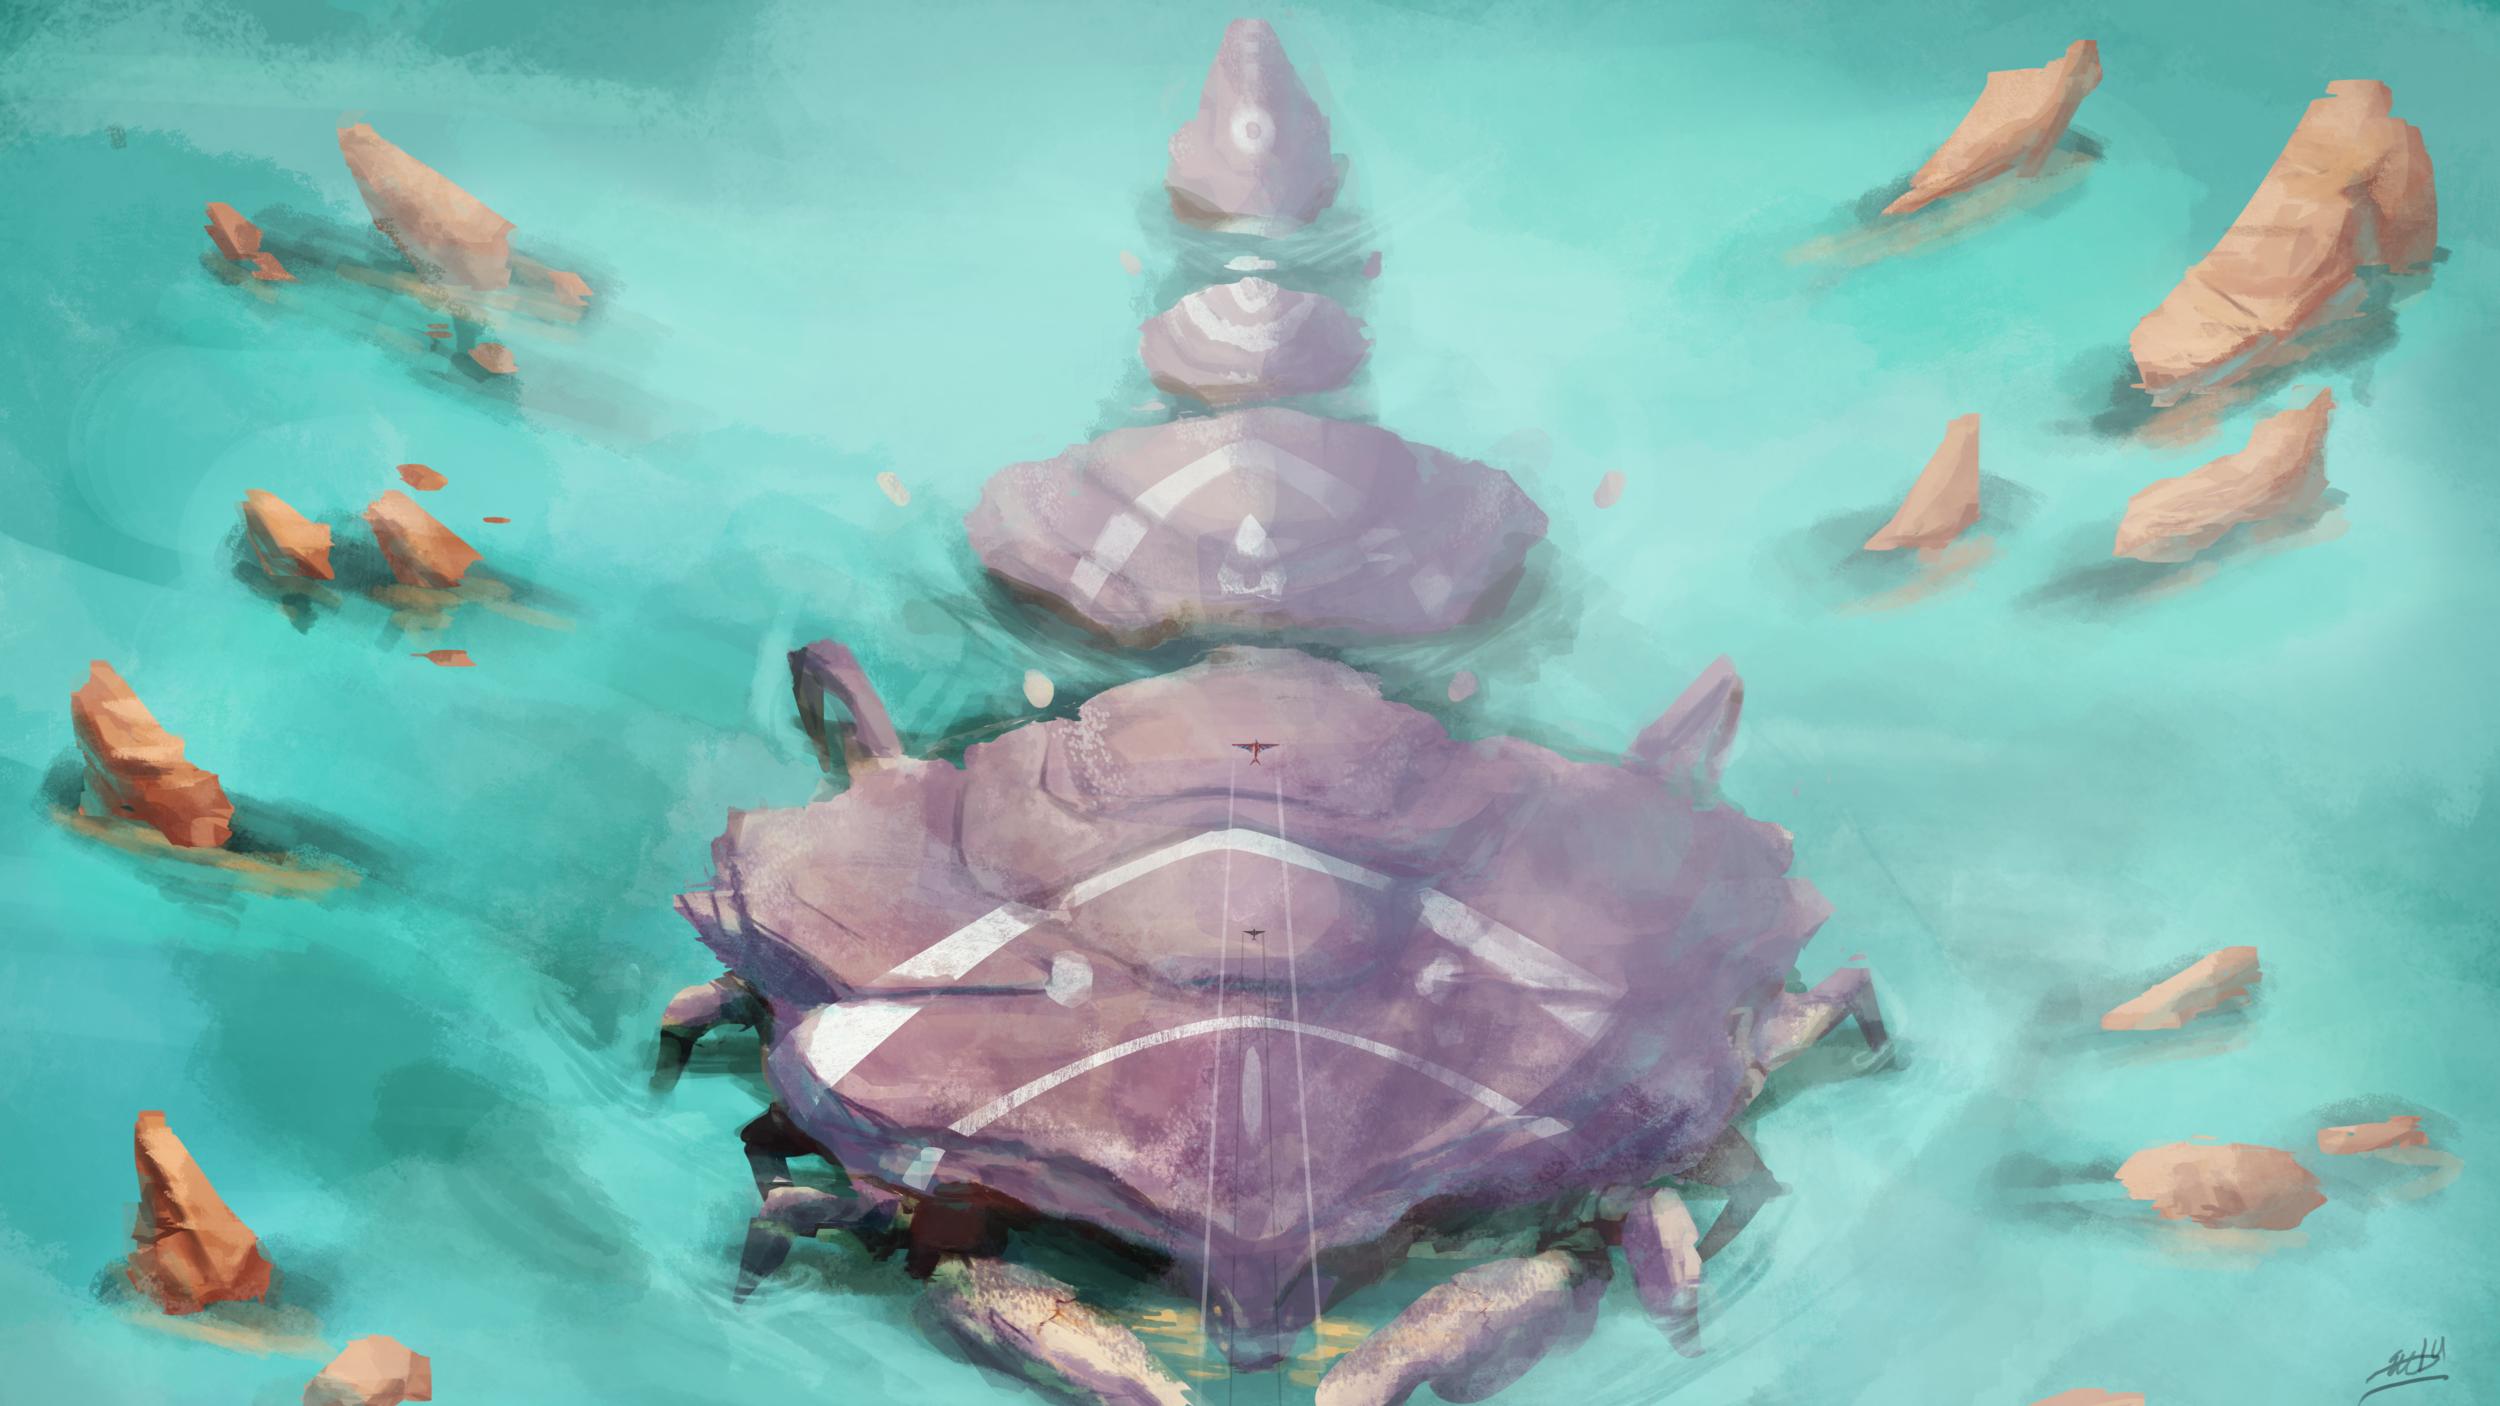 GiantEnemyCrab.PNG